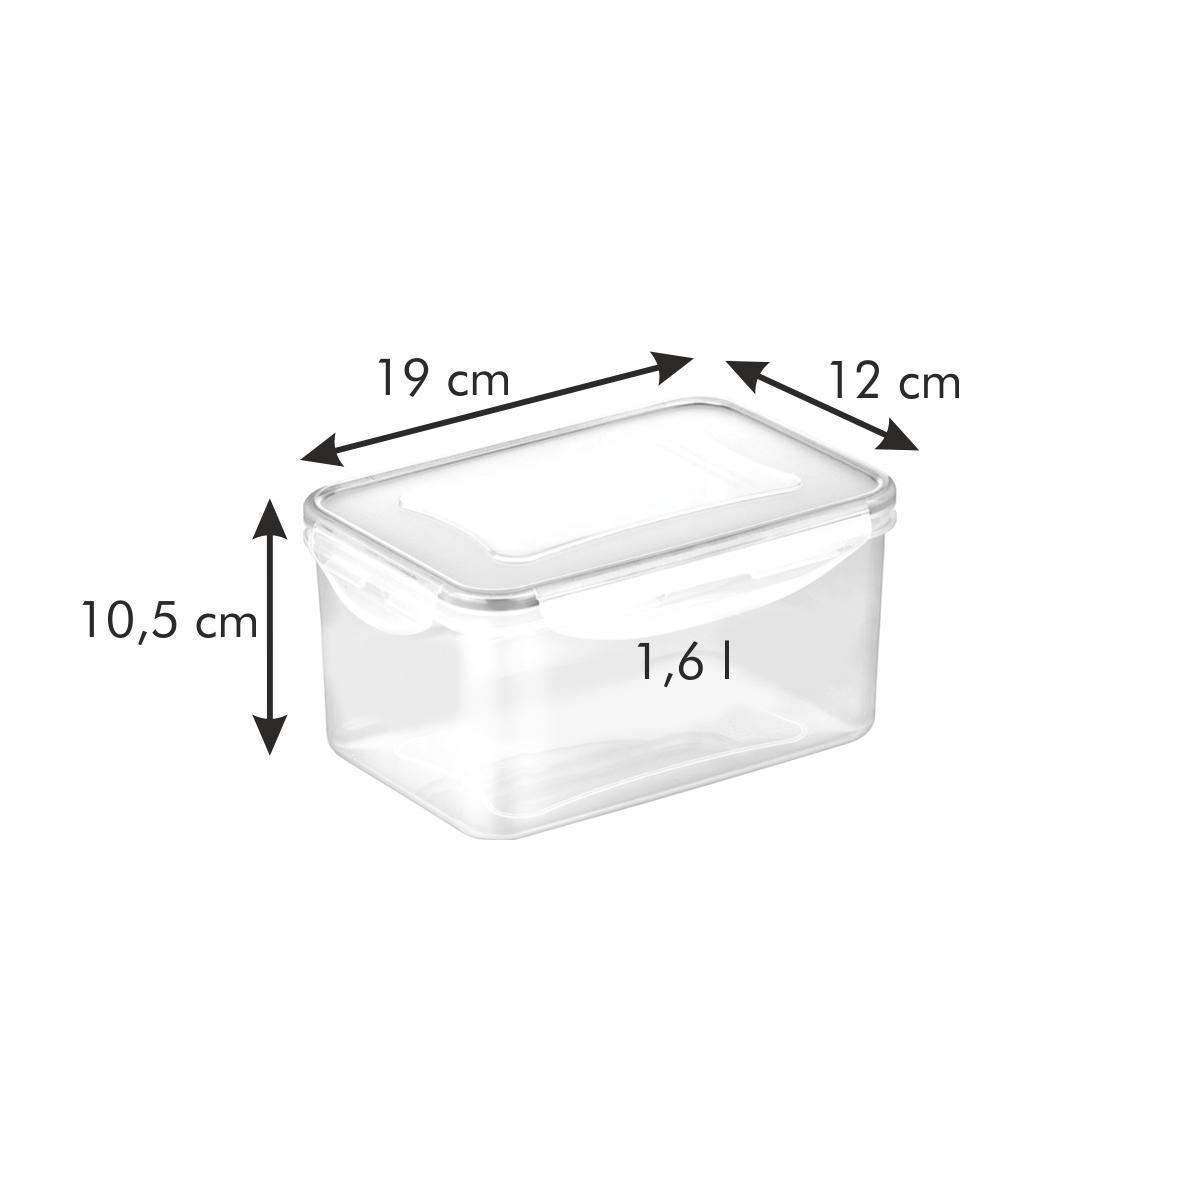 Dóza FRESHBOX 1,6 l, hluboká